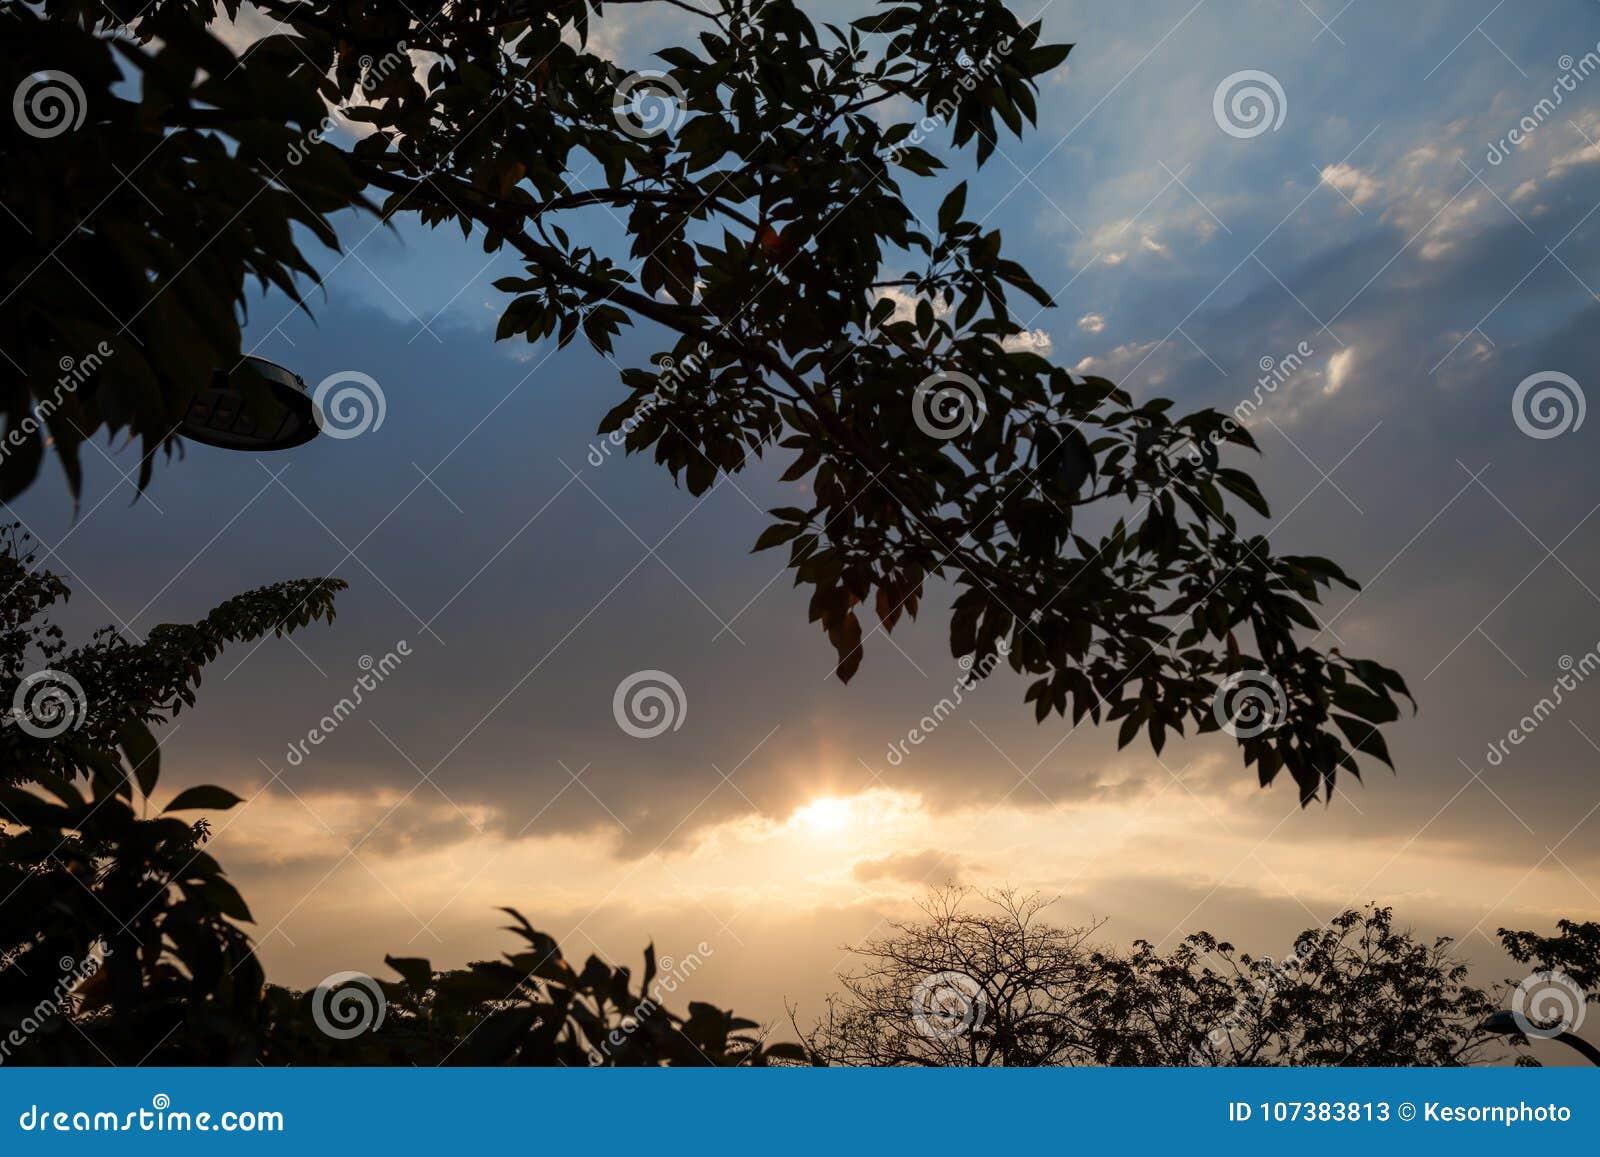 Ο ουρανός βραδιού είναι έχει μια ακτίνα του φωτός που περνά μέσω των στρωμάτων των σύννεφων